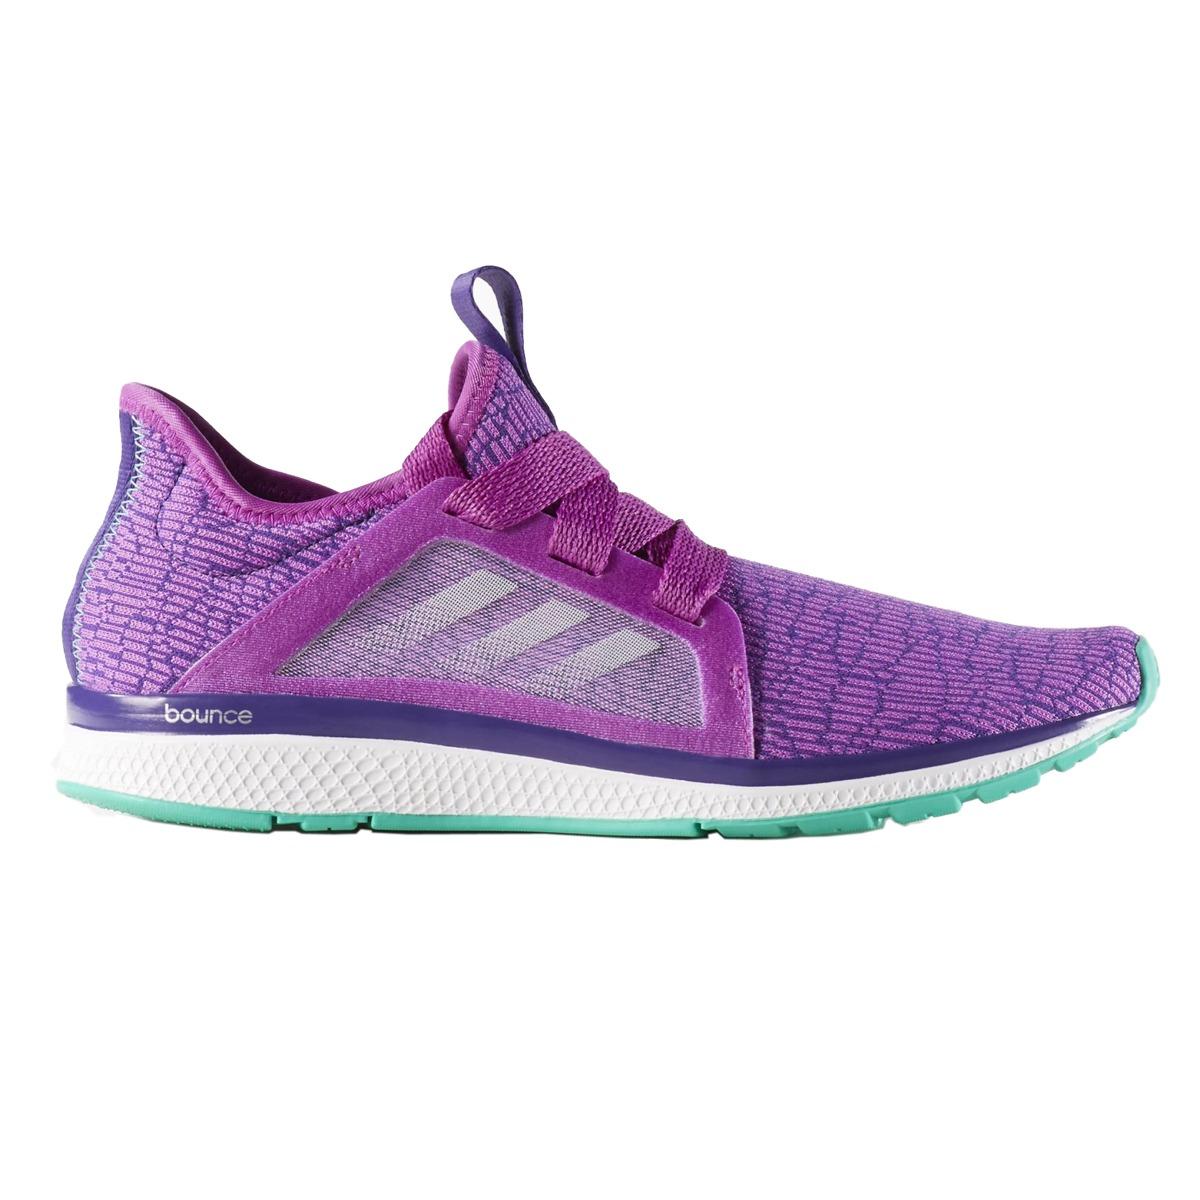 hot sale online 7c254 8b782 zapatillas adidas running edge lux w mujer vivi. Cargando zoom.